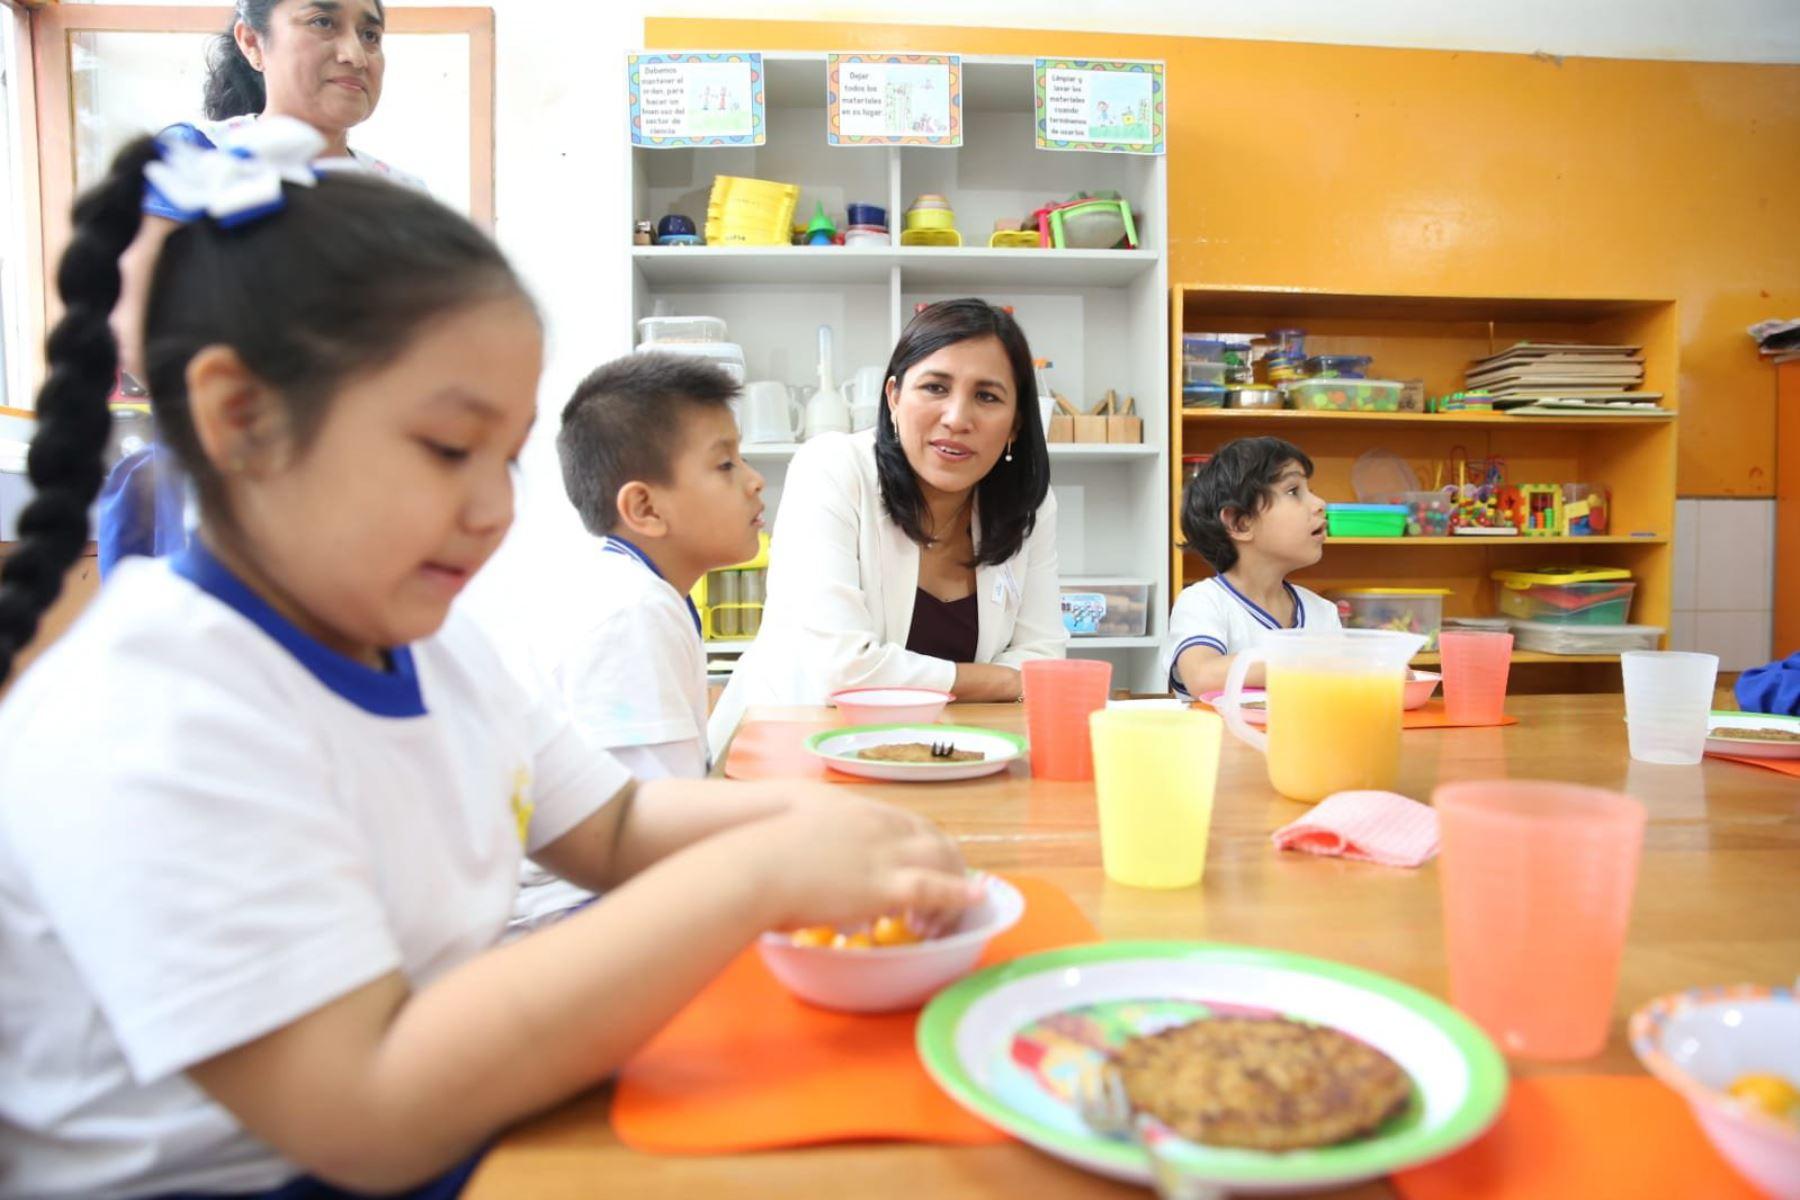 La titular de Educación visitó el colegio inicial 87 Los Próceres (Surco), donde los estudiantes crearon un biohuerto en el que se siembran alimentos saludables. Foto: Minedu